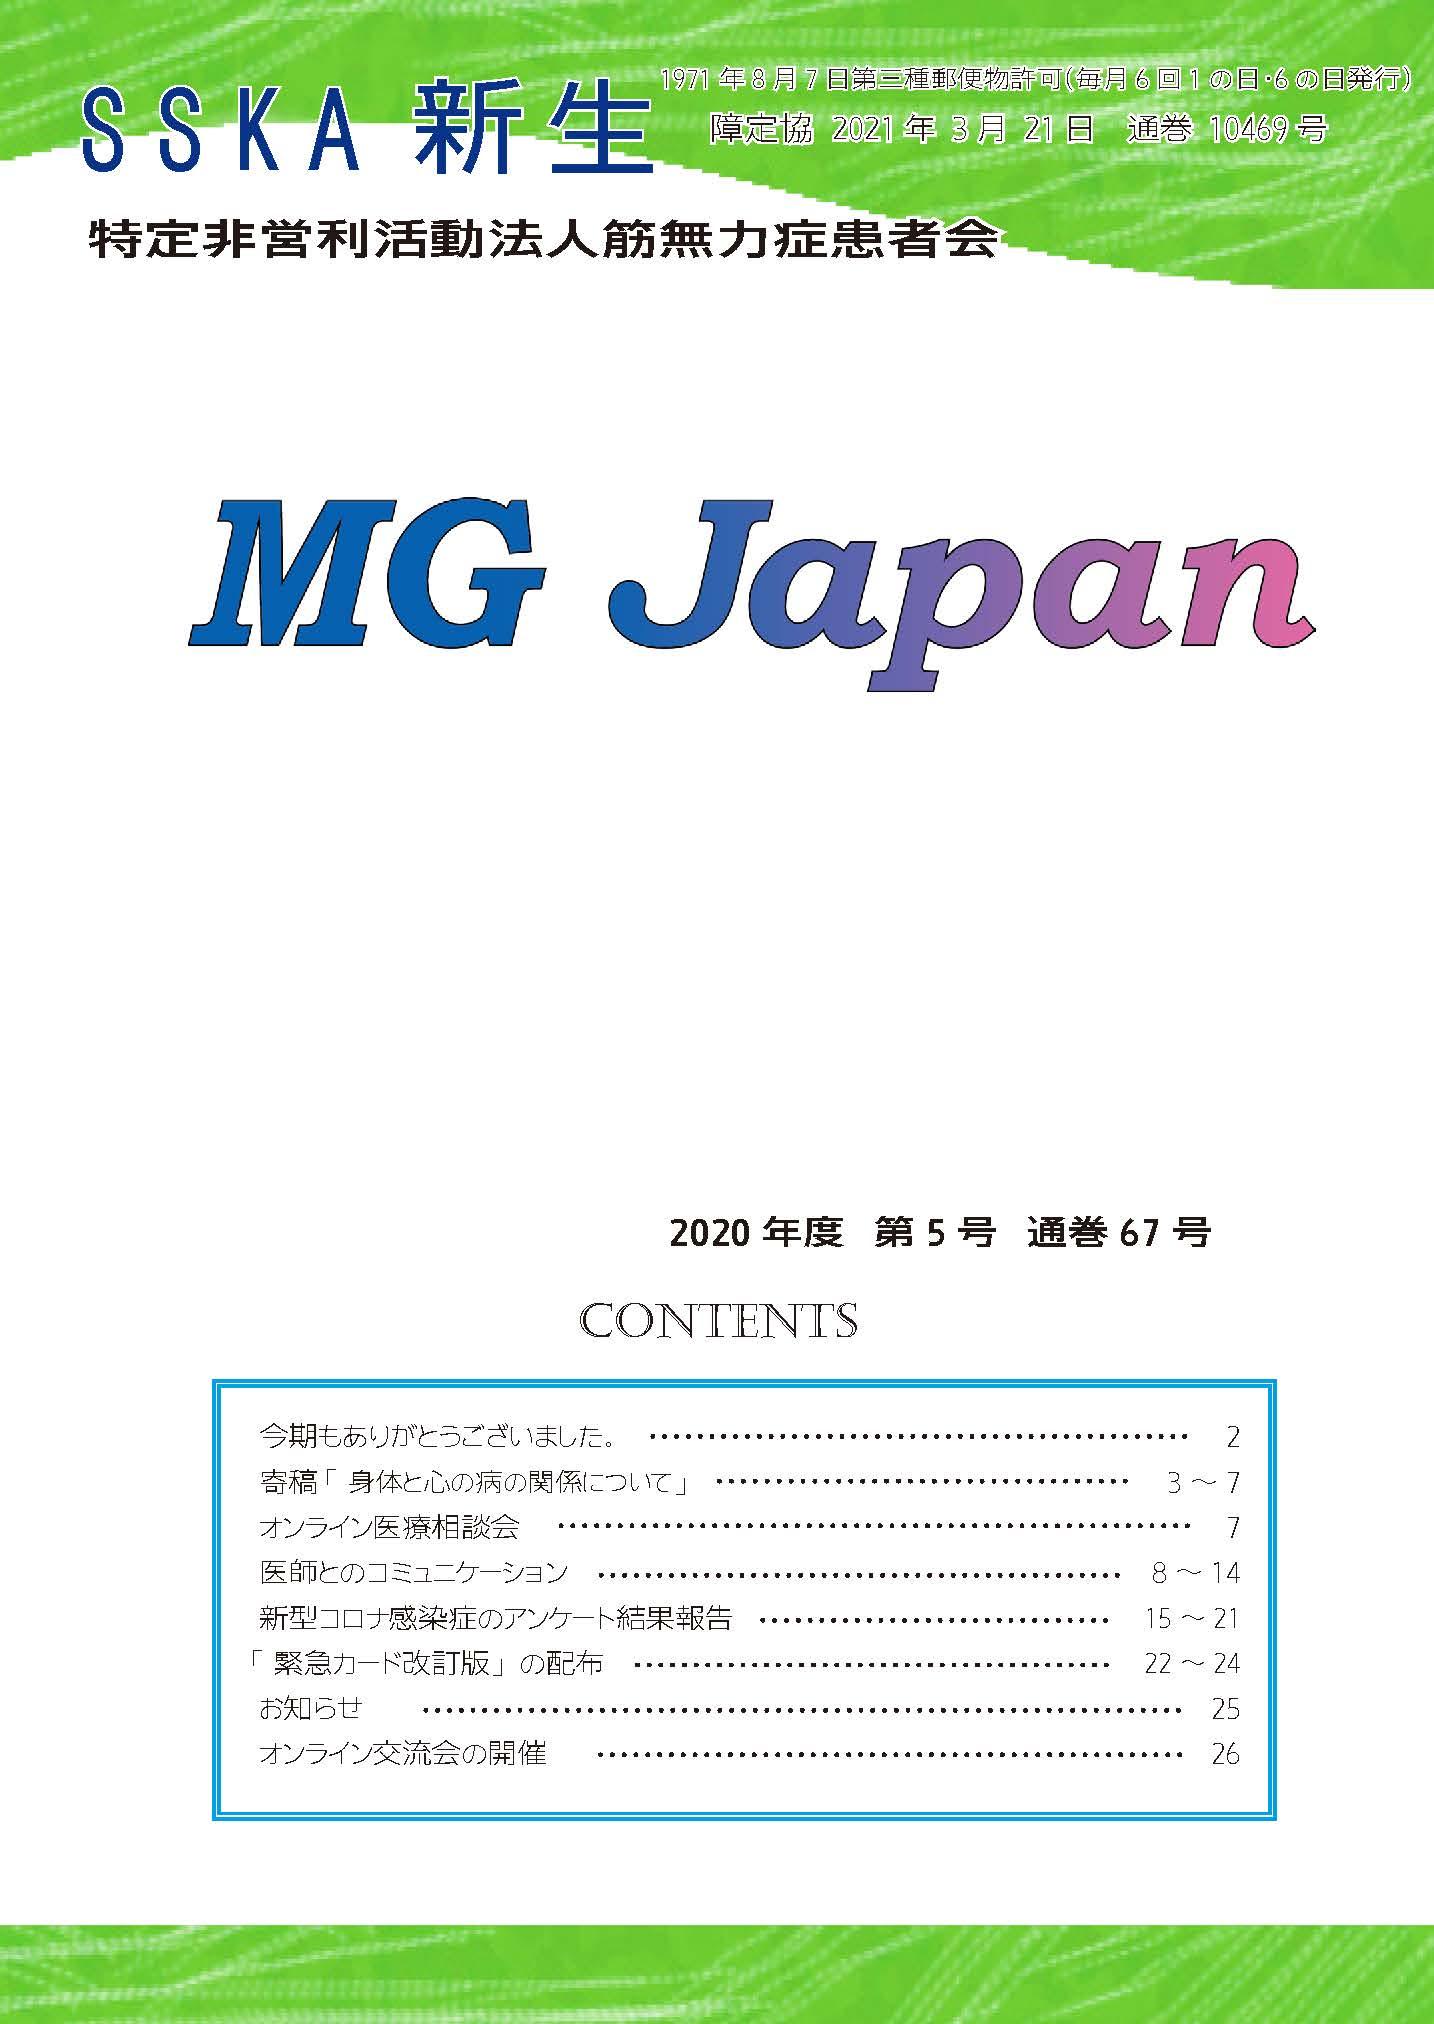 会報新生「MG Japan67号」